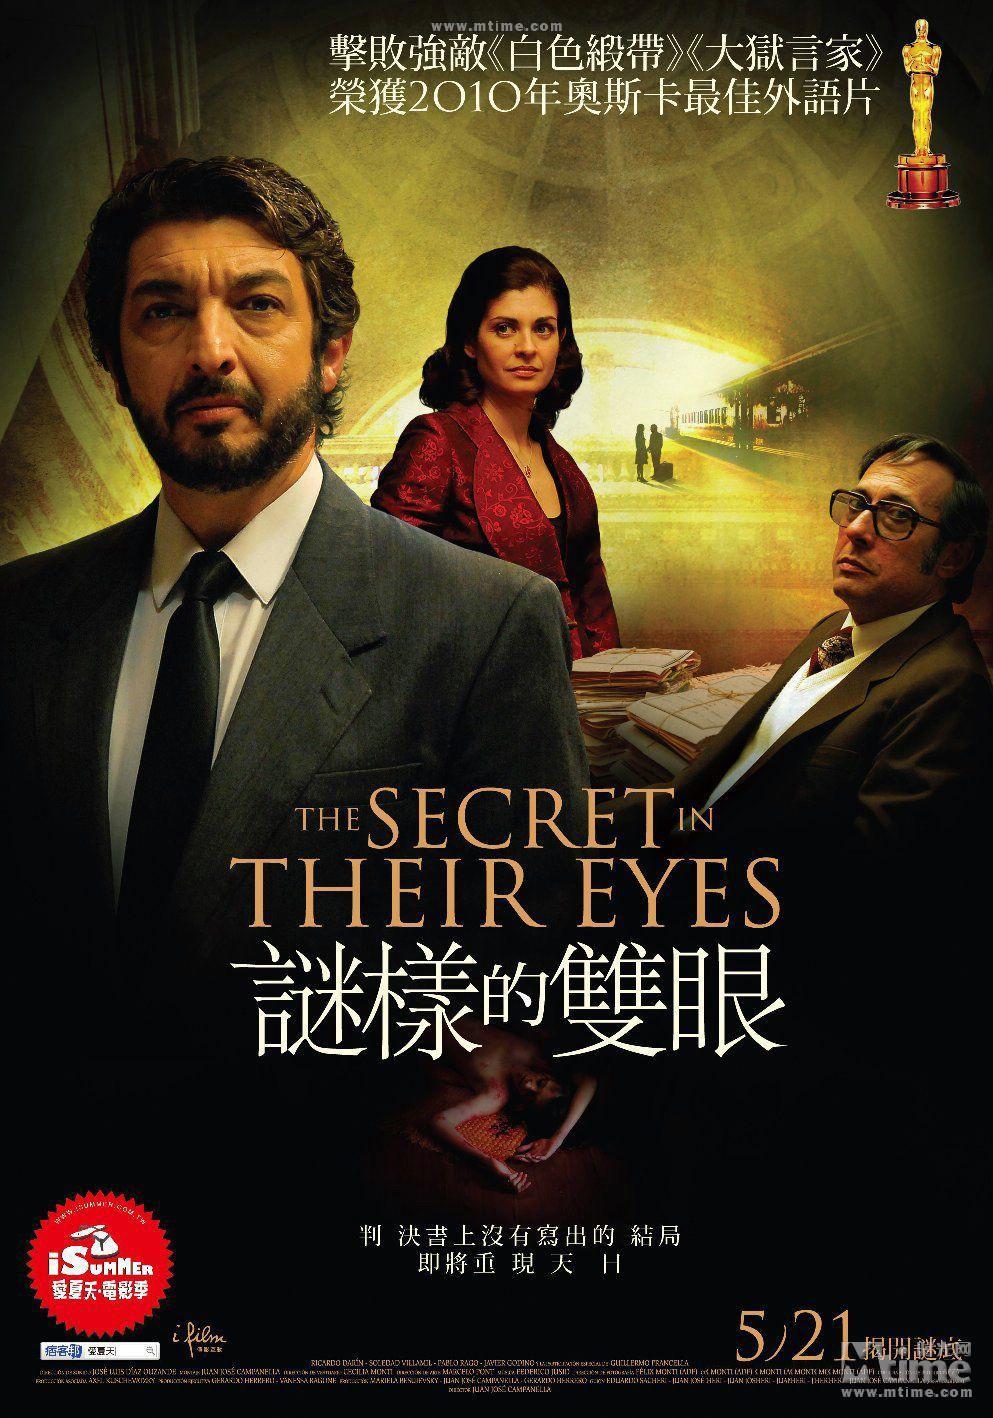 解读《谜一样的双眼》史上最酷长镜头,测测你的艺术眼光